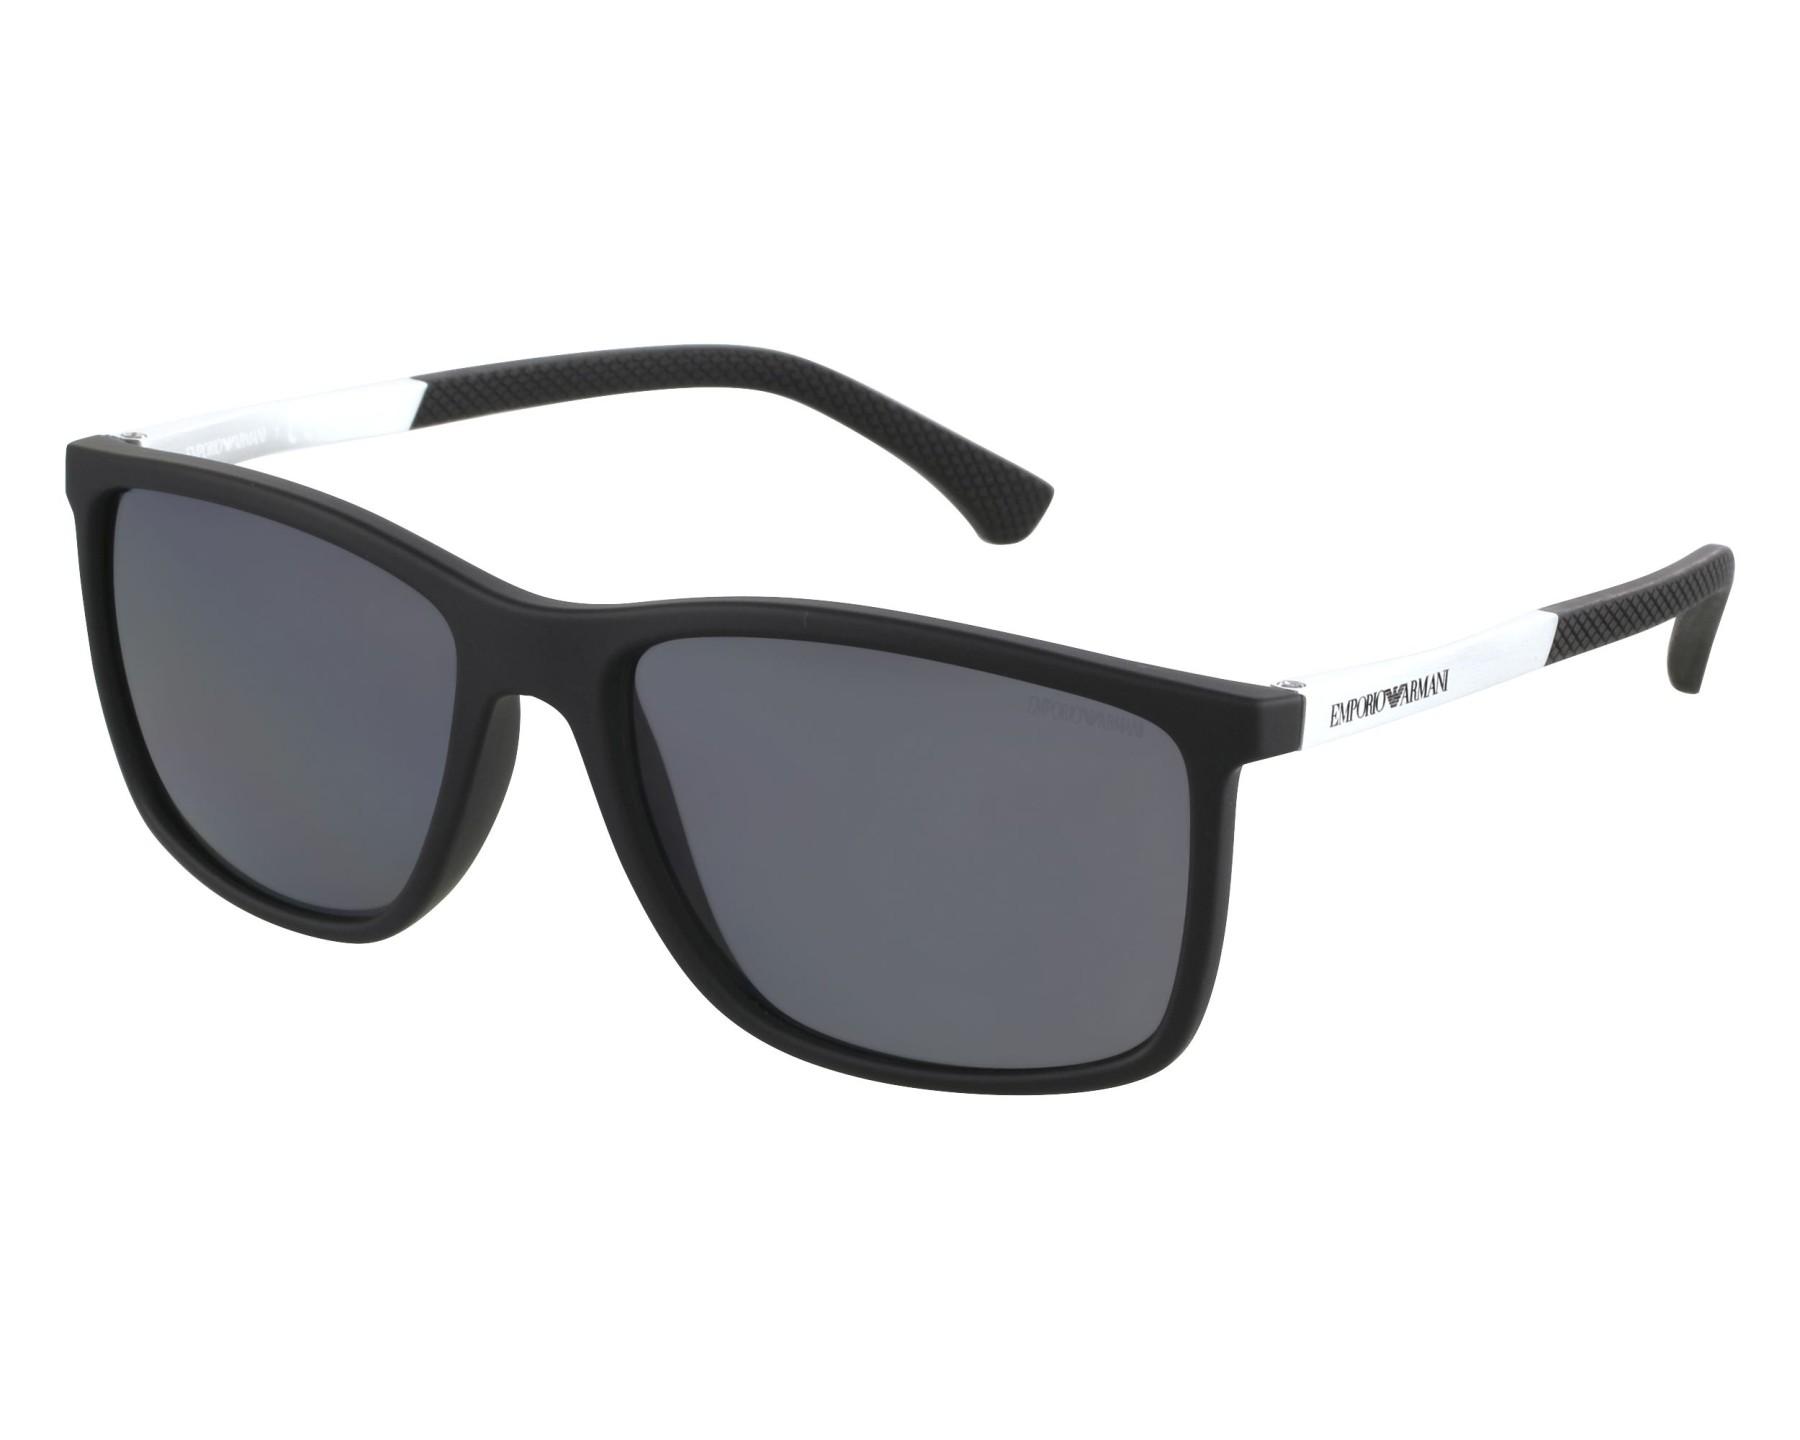 bbb8303eb40 Sunglasses Emporio Armani EA-4058 5063 81 58-17 Black Silver front view